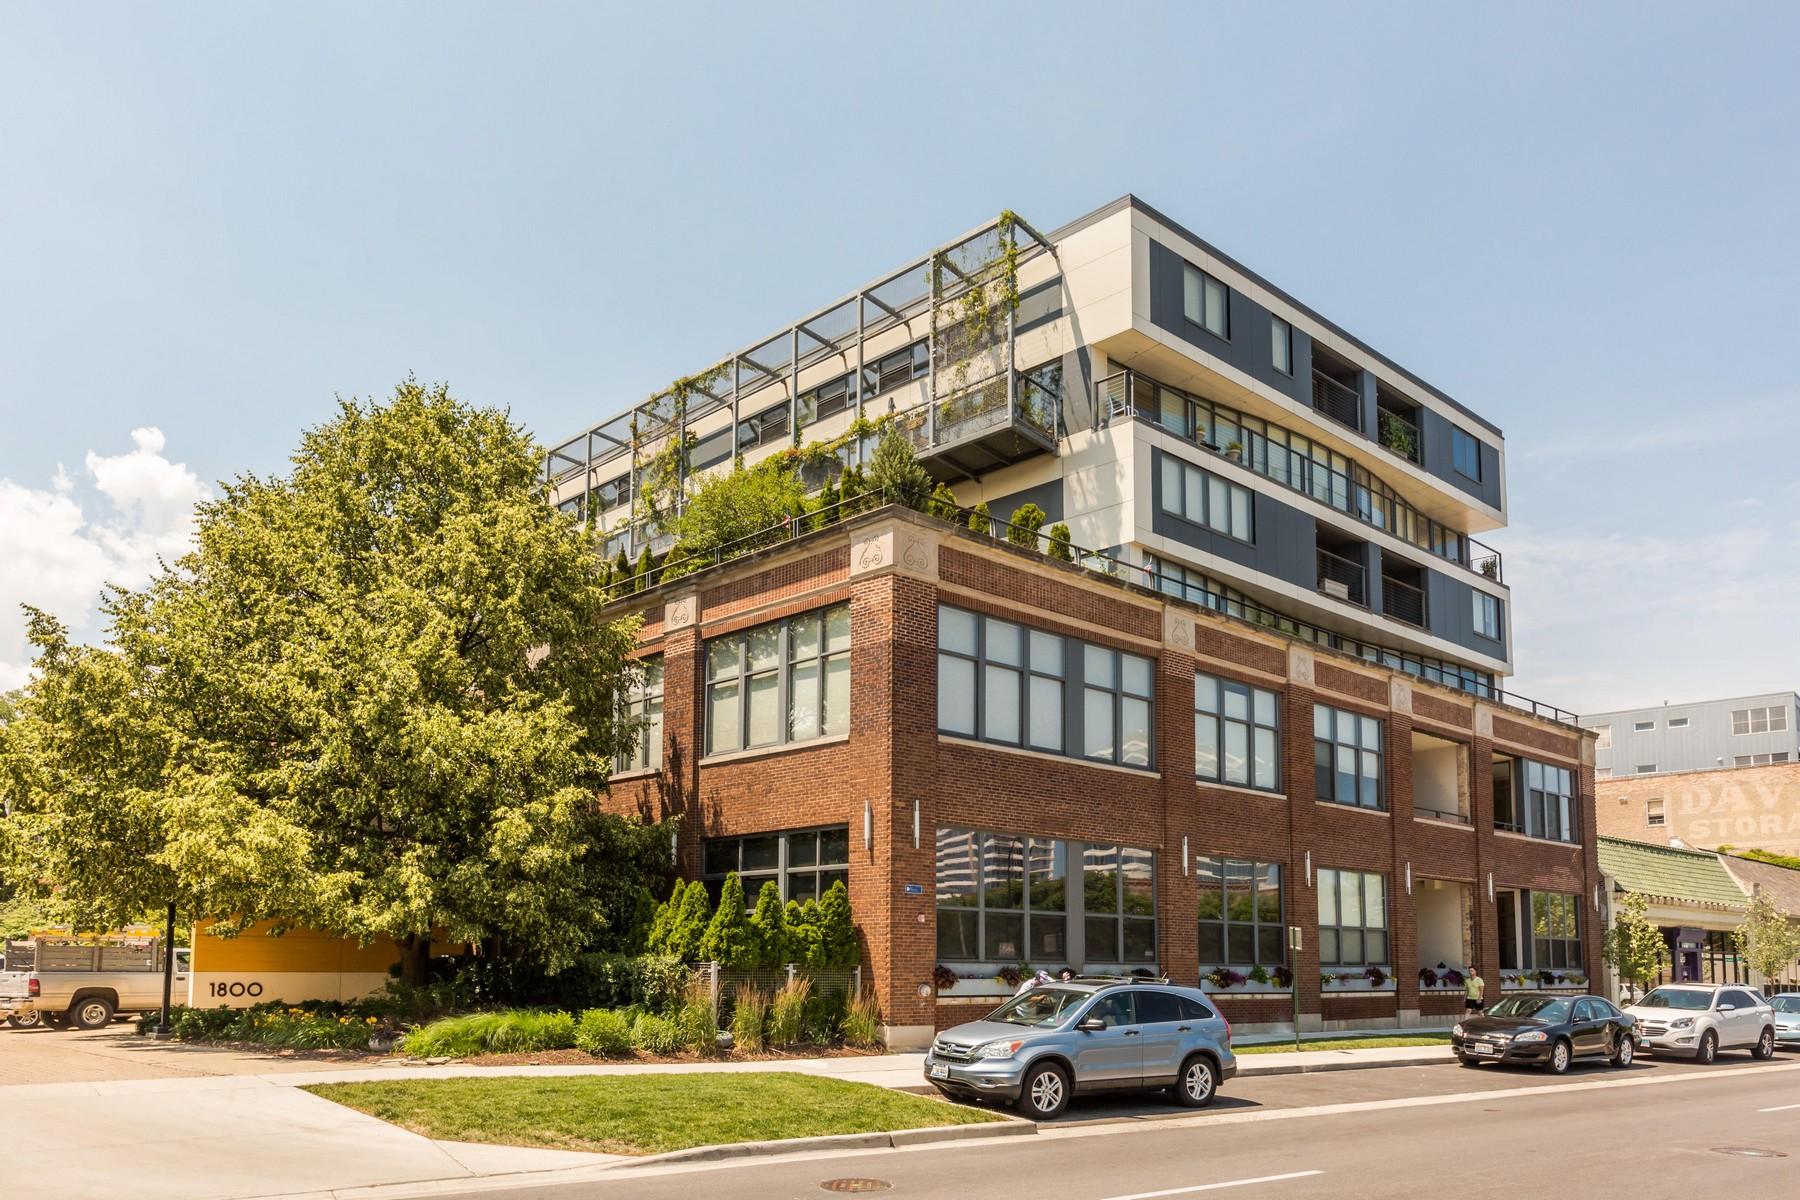 Maison unifamiliale pour l Vente à Spacious And Chic Loft 1800 Ridge Avenue Unit 204 Evanston, Illinois, 60201 États-Unis